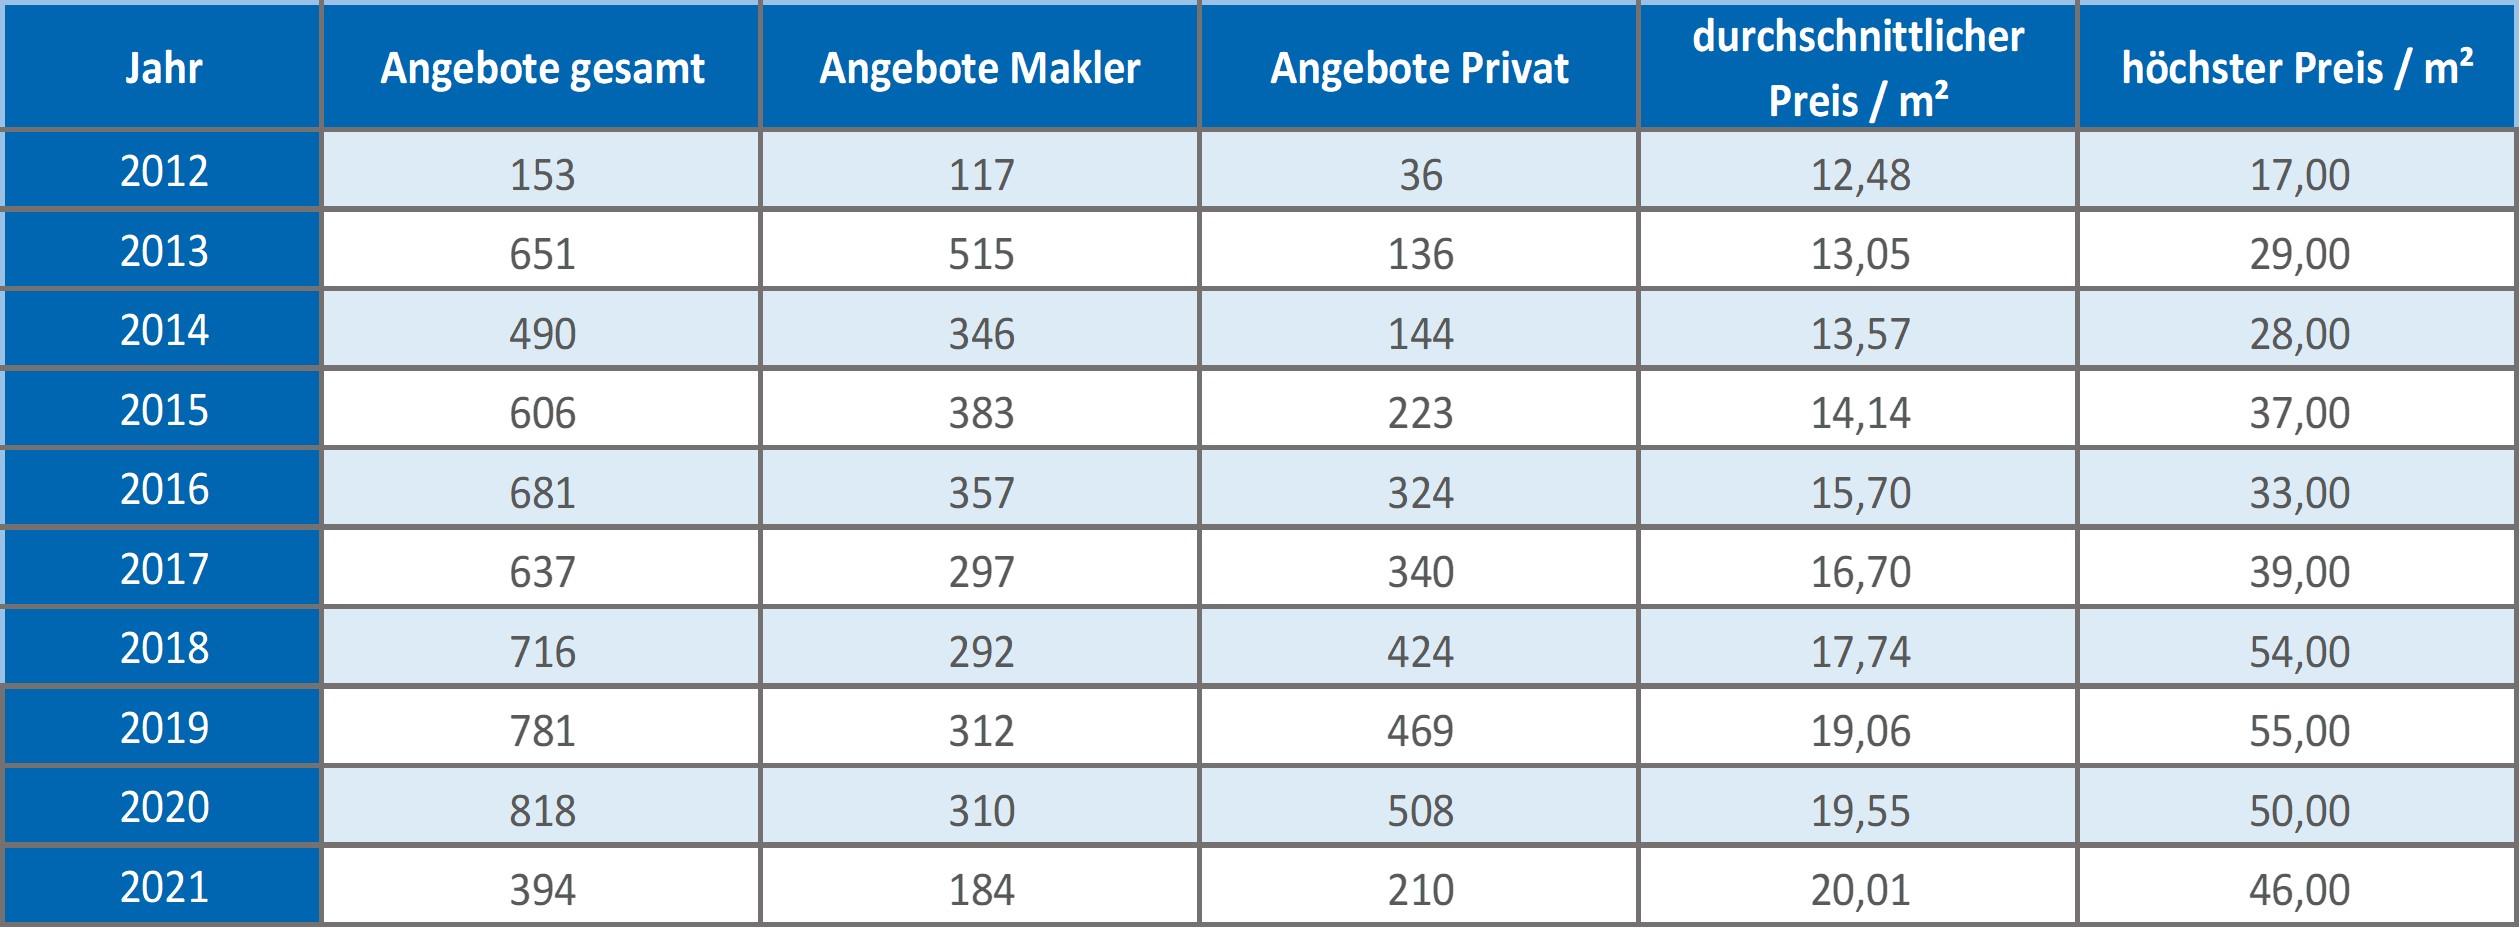 München - Obermenzing Wohnung mieten vermieten Preis Bewertung Makler 2019 2020 2021 www.happy-immo.de